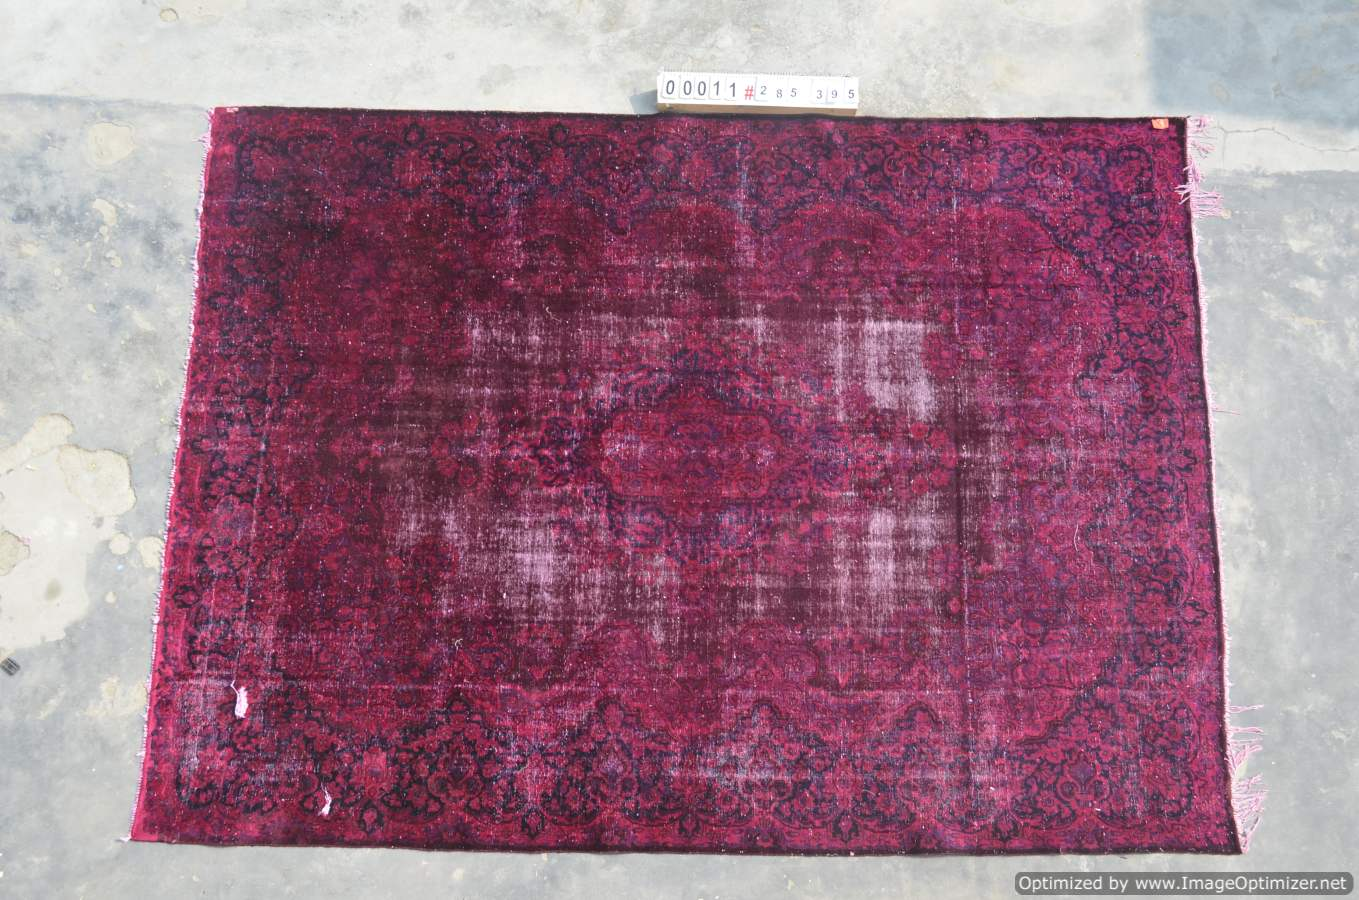 Vintage klassiek vloerkleed  uit Iran nr 0011 ( 395cm x 285cm) tapijt wat een nieuwe hippe trendy kleur heeft gekregen.